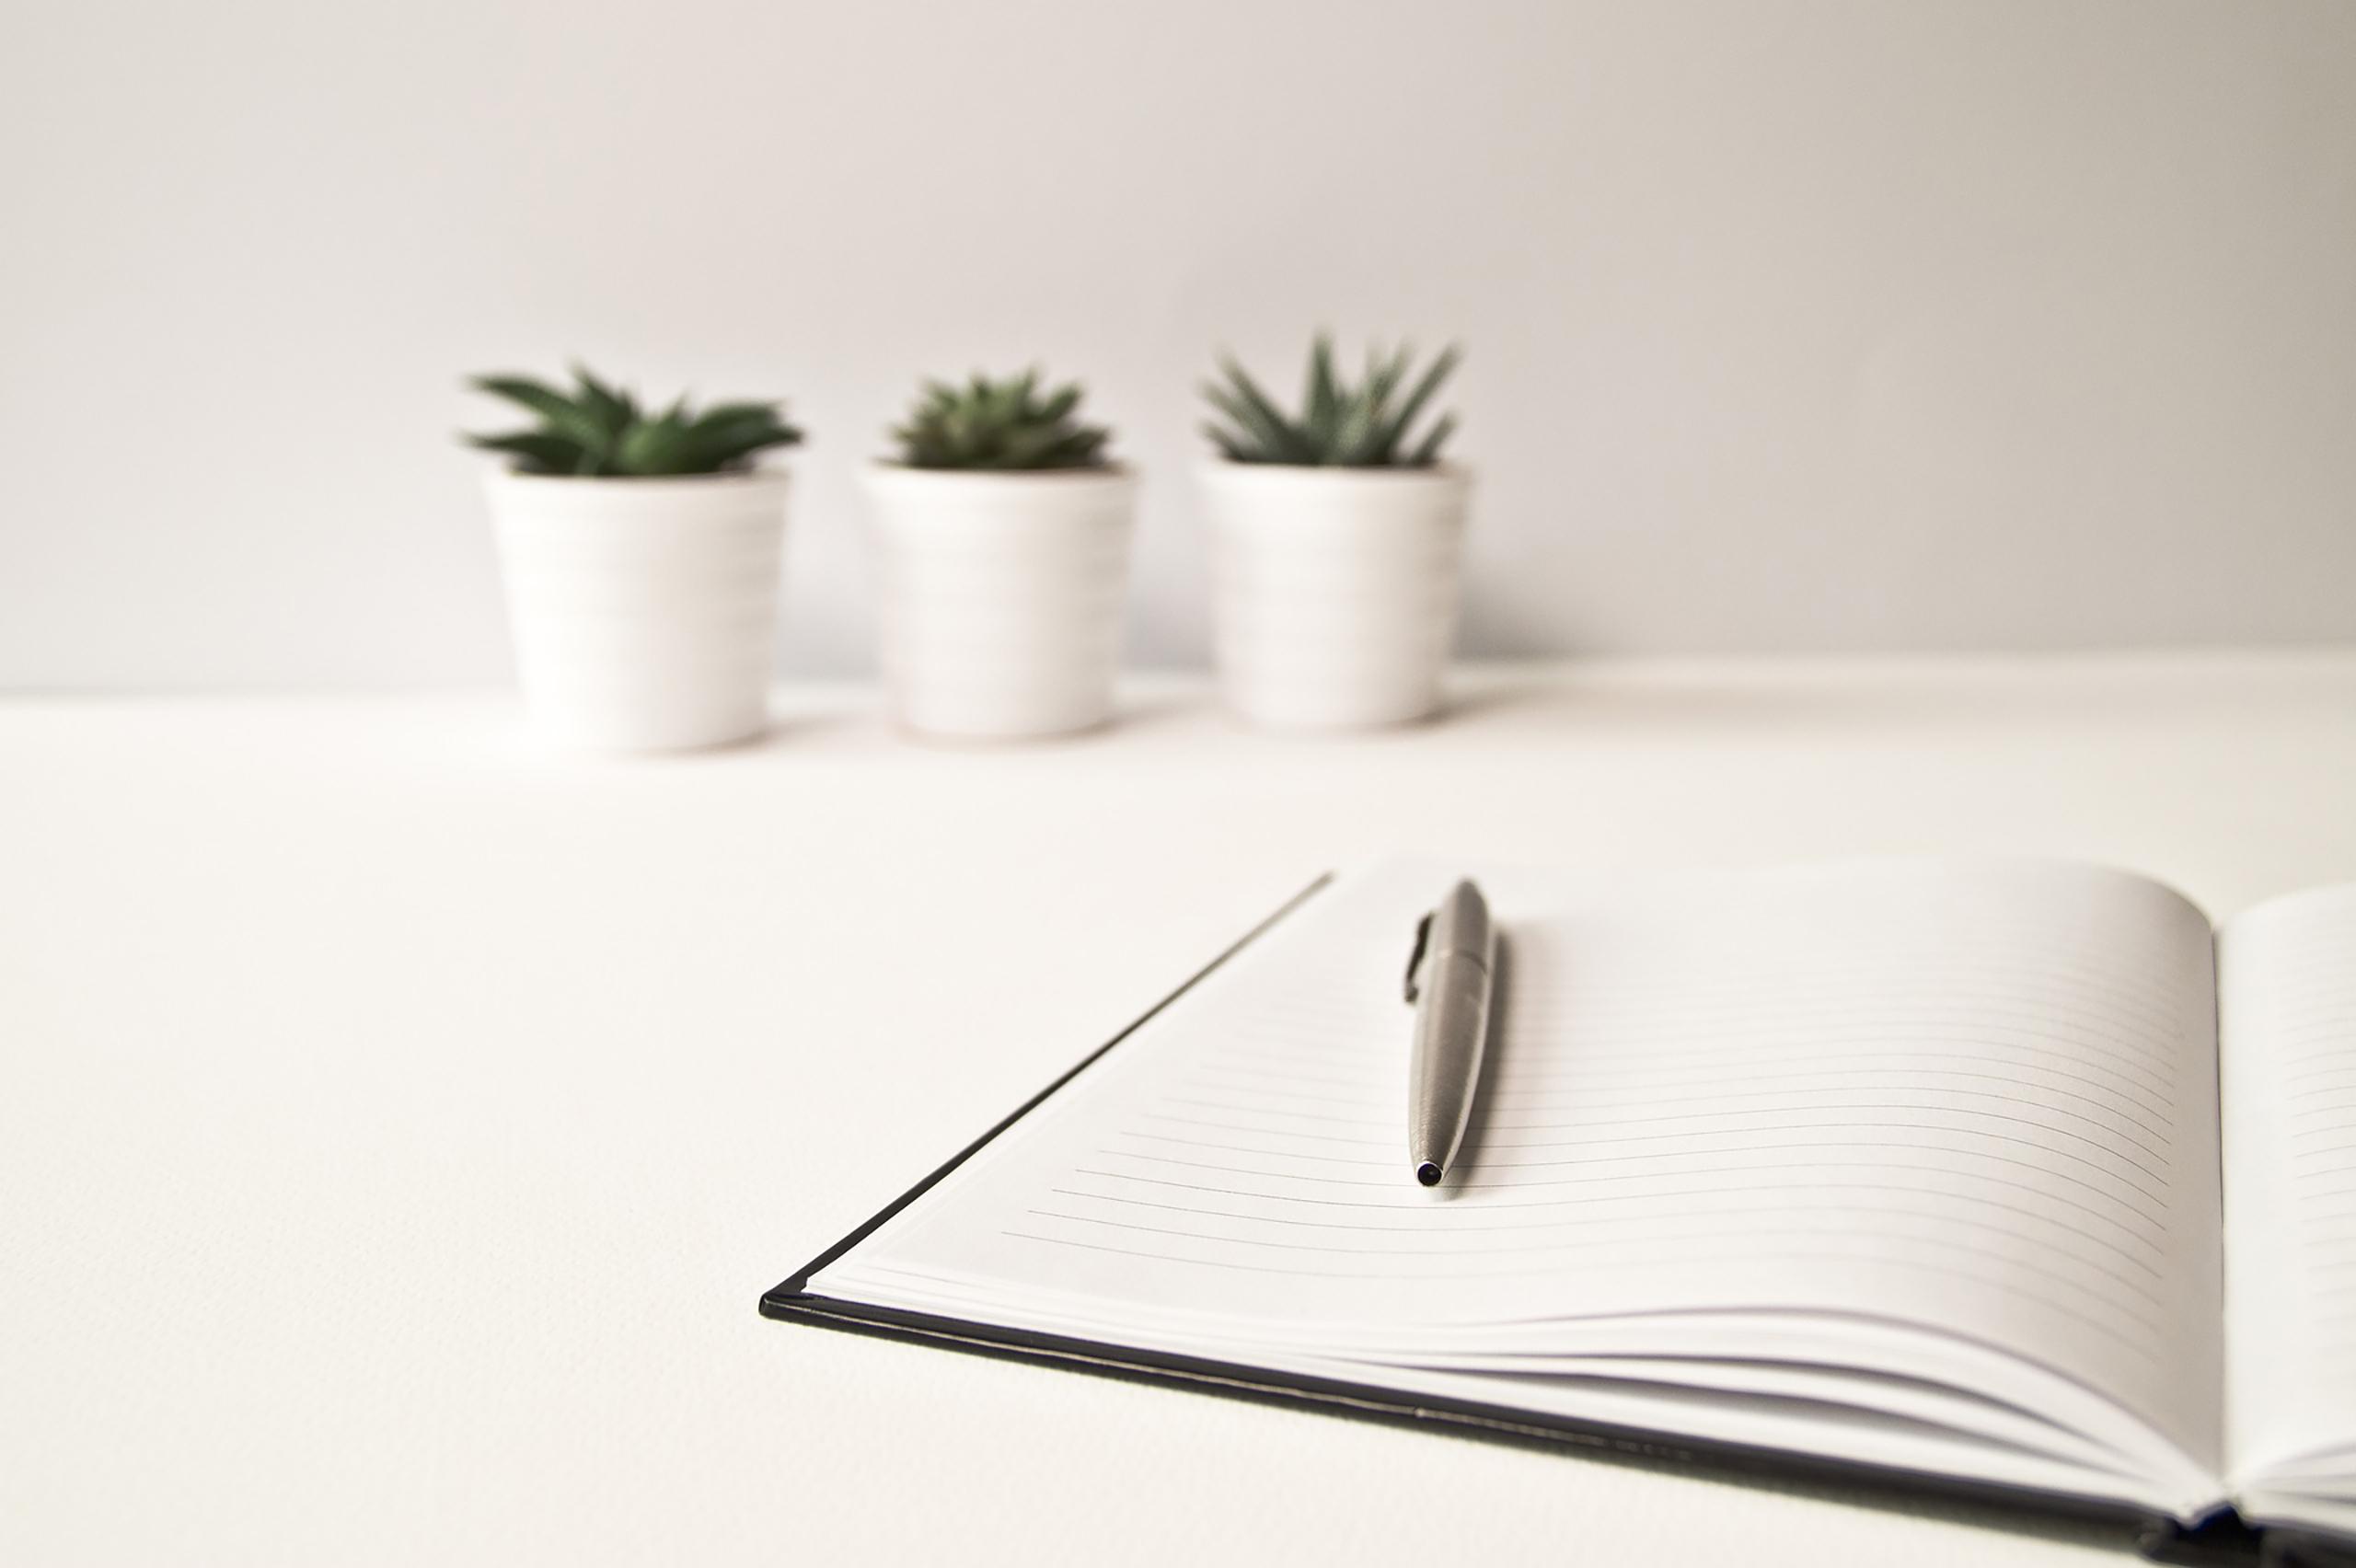 総務の志望動機の書き方|企業が総務に求めるスキルとは【例文あり】の画像3